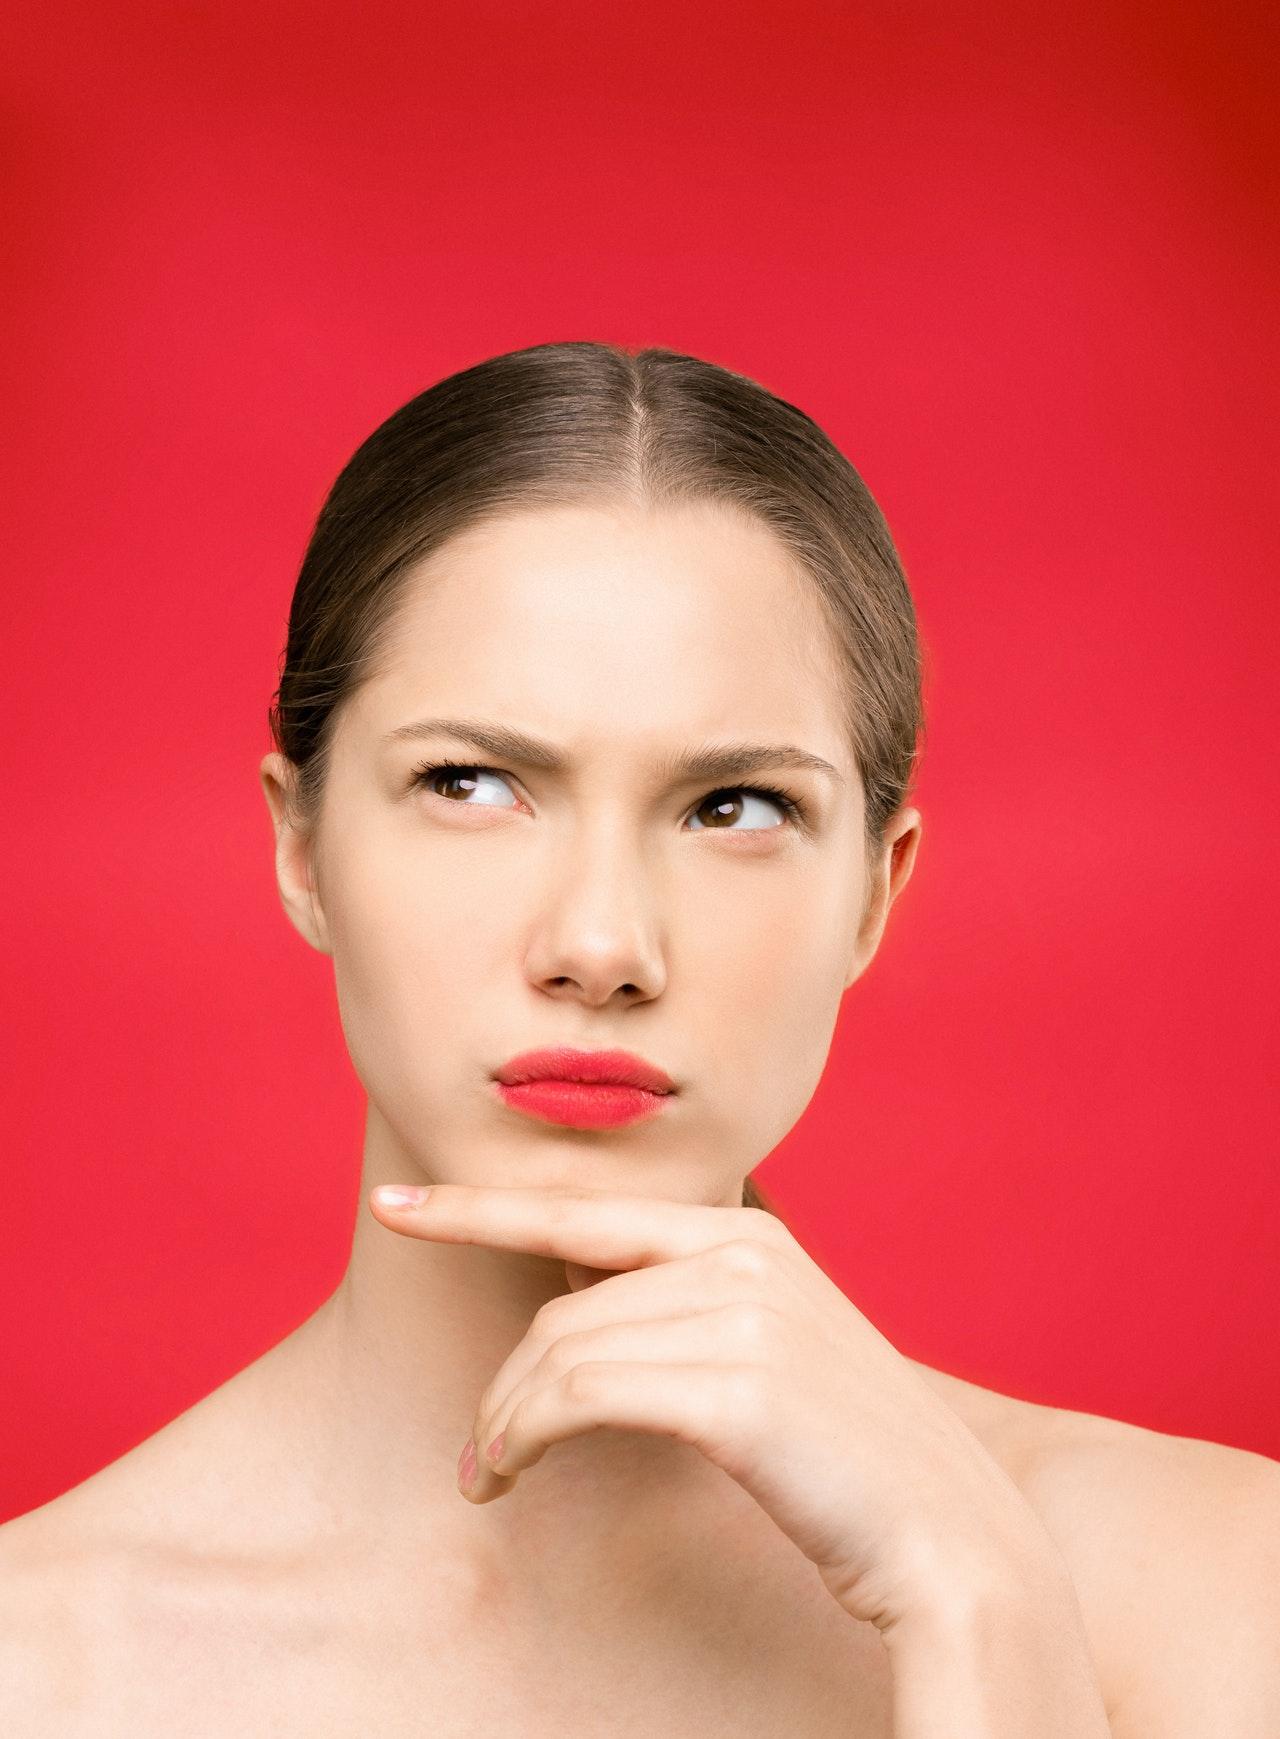 ¿Cómo utilizar el aceite de jojoba para el contorno de ojos?